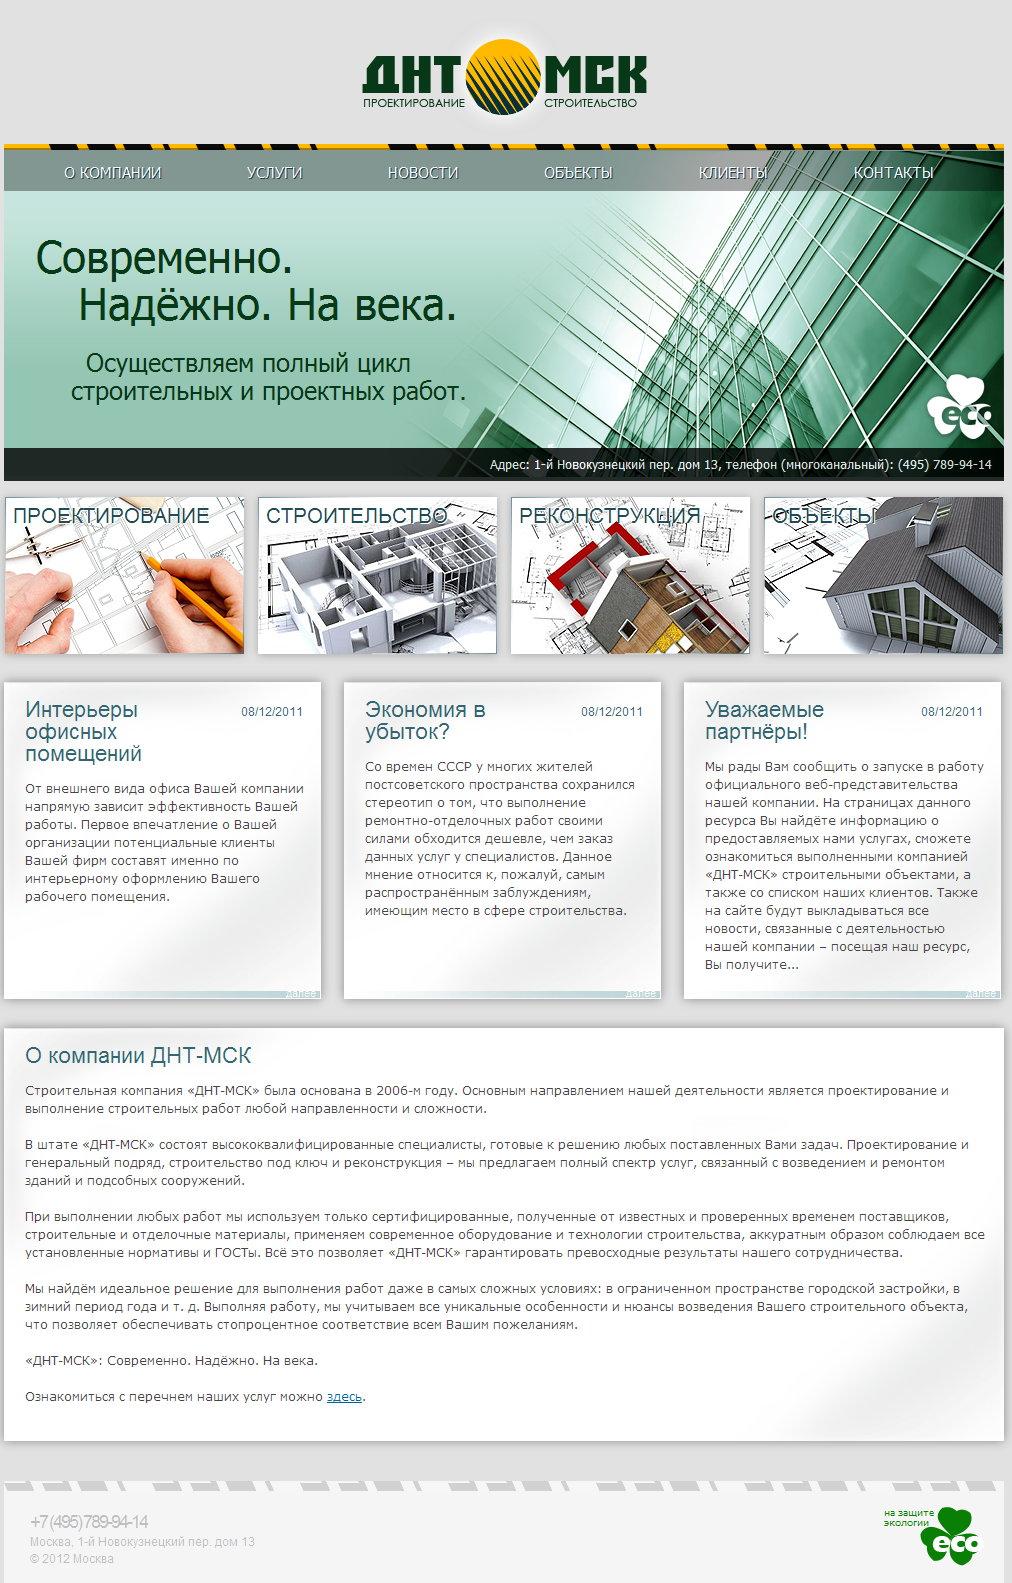 """Сайт компании """"ДНТ-МСК"""" (Drupal)"""